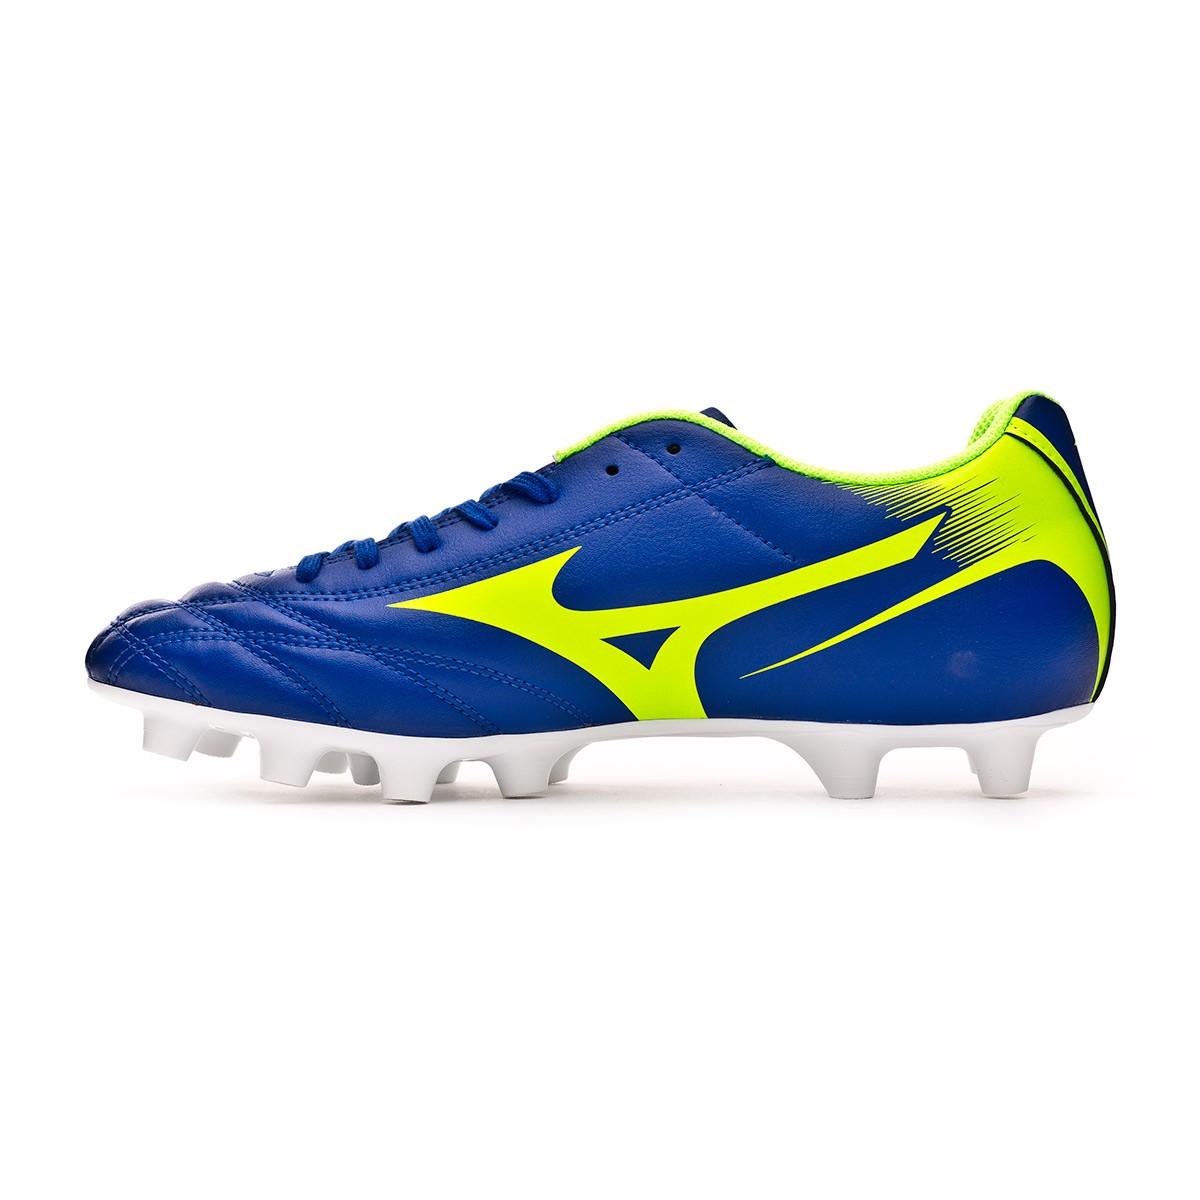 498d090af84fa Football Boots Mizuno Monarcida NEO MD Navy-Green - Tienda de fútbol Fútbol  Emotion